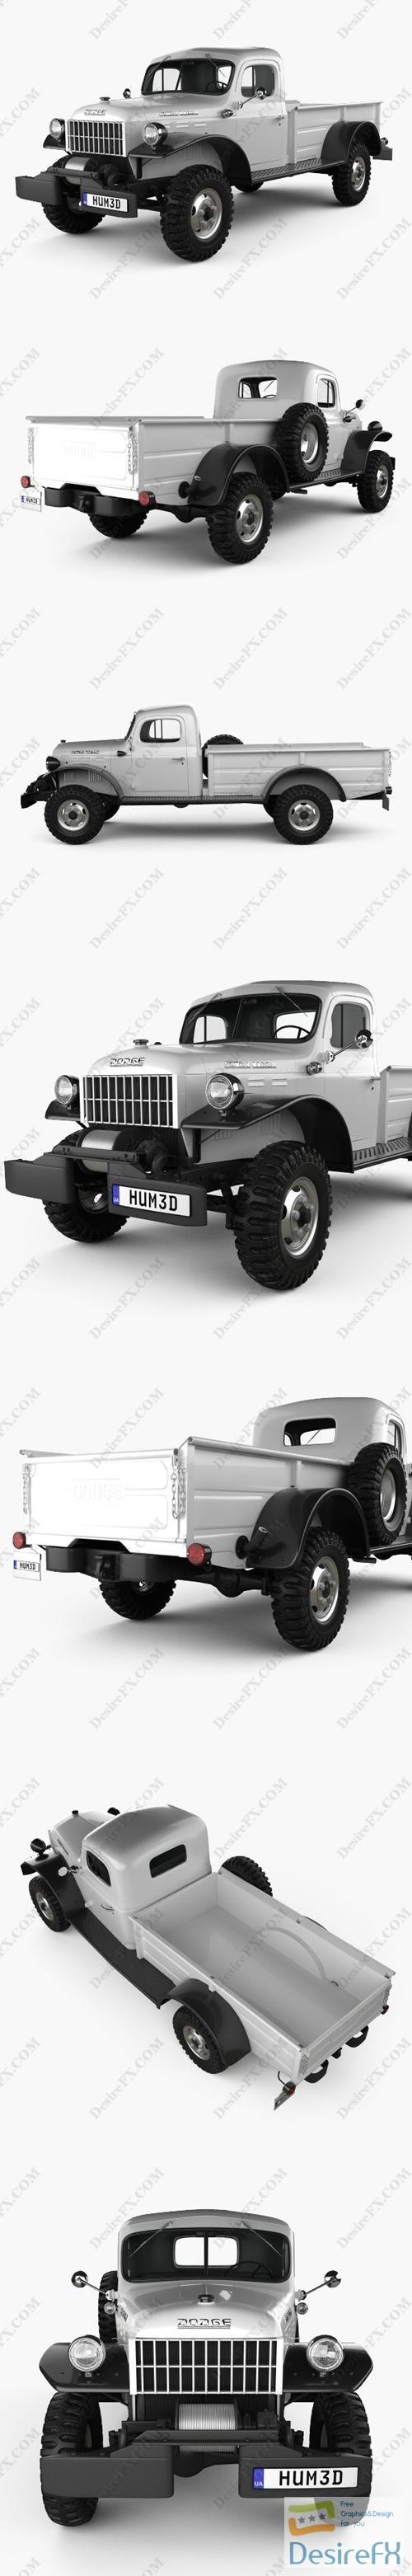 3d-models - Dodge Power Wagon 1946 3D Model